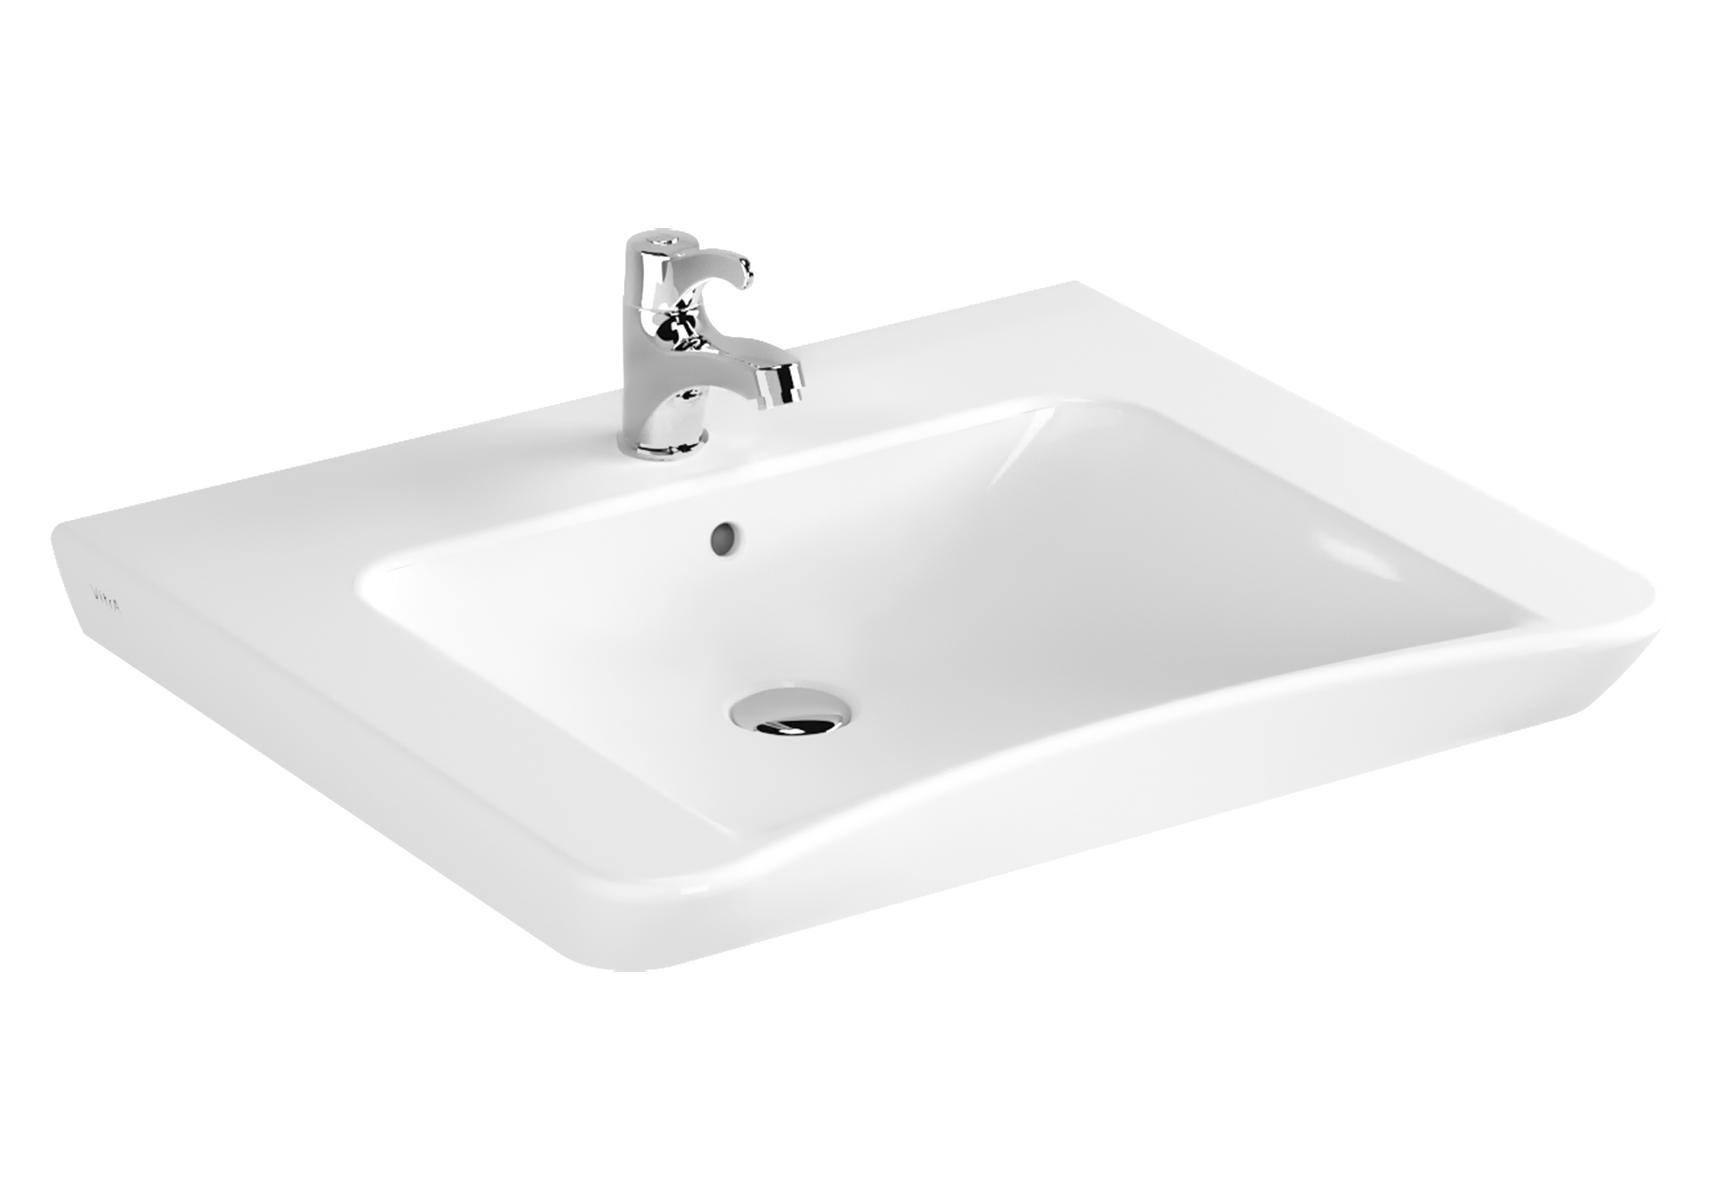 Conforma lavabo PMR, 65 cm, avec équerre de fixation, avec trou de robinet, sans trop-plein